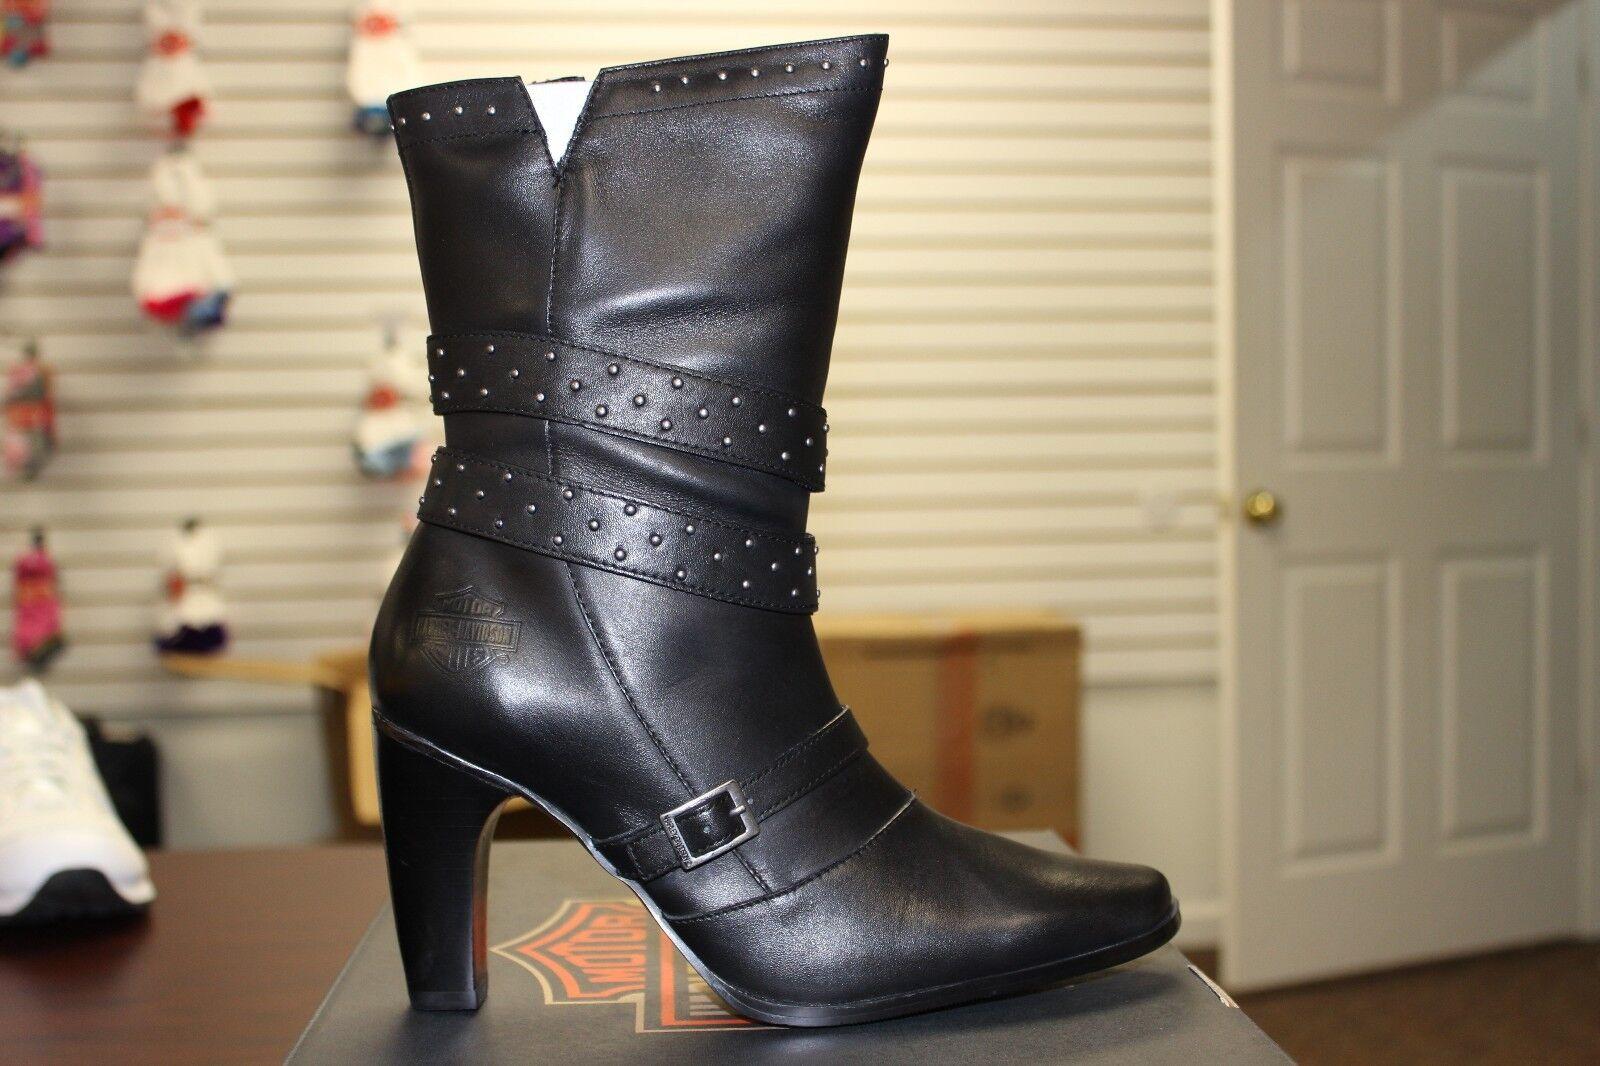 ti aspetto Donna  Harley Davidson Tawny stivali nero Leather Leather Leather D83559 Genuine Leather New  miglior reputazione